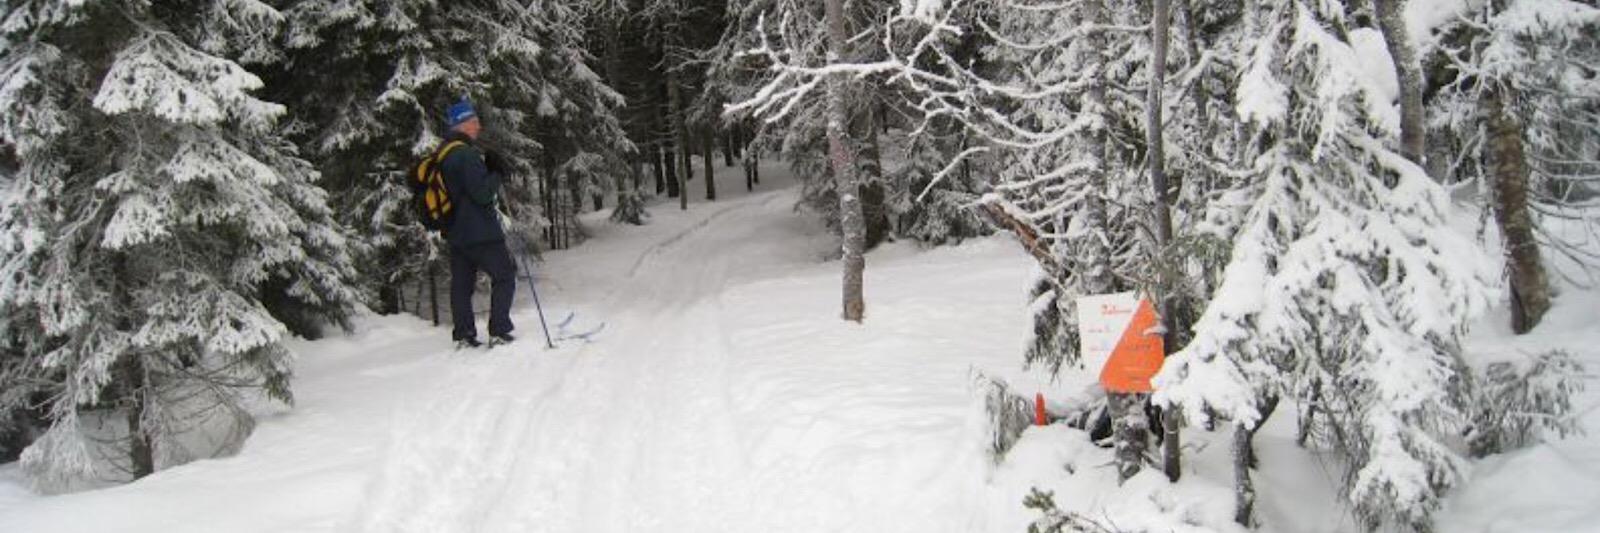 Skijegern - bestill her!